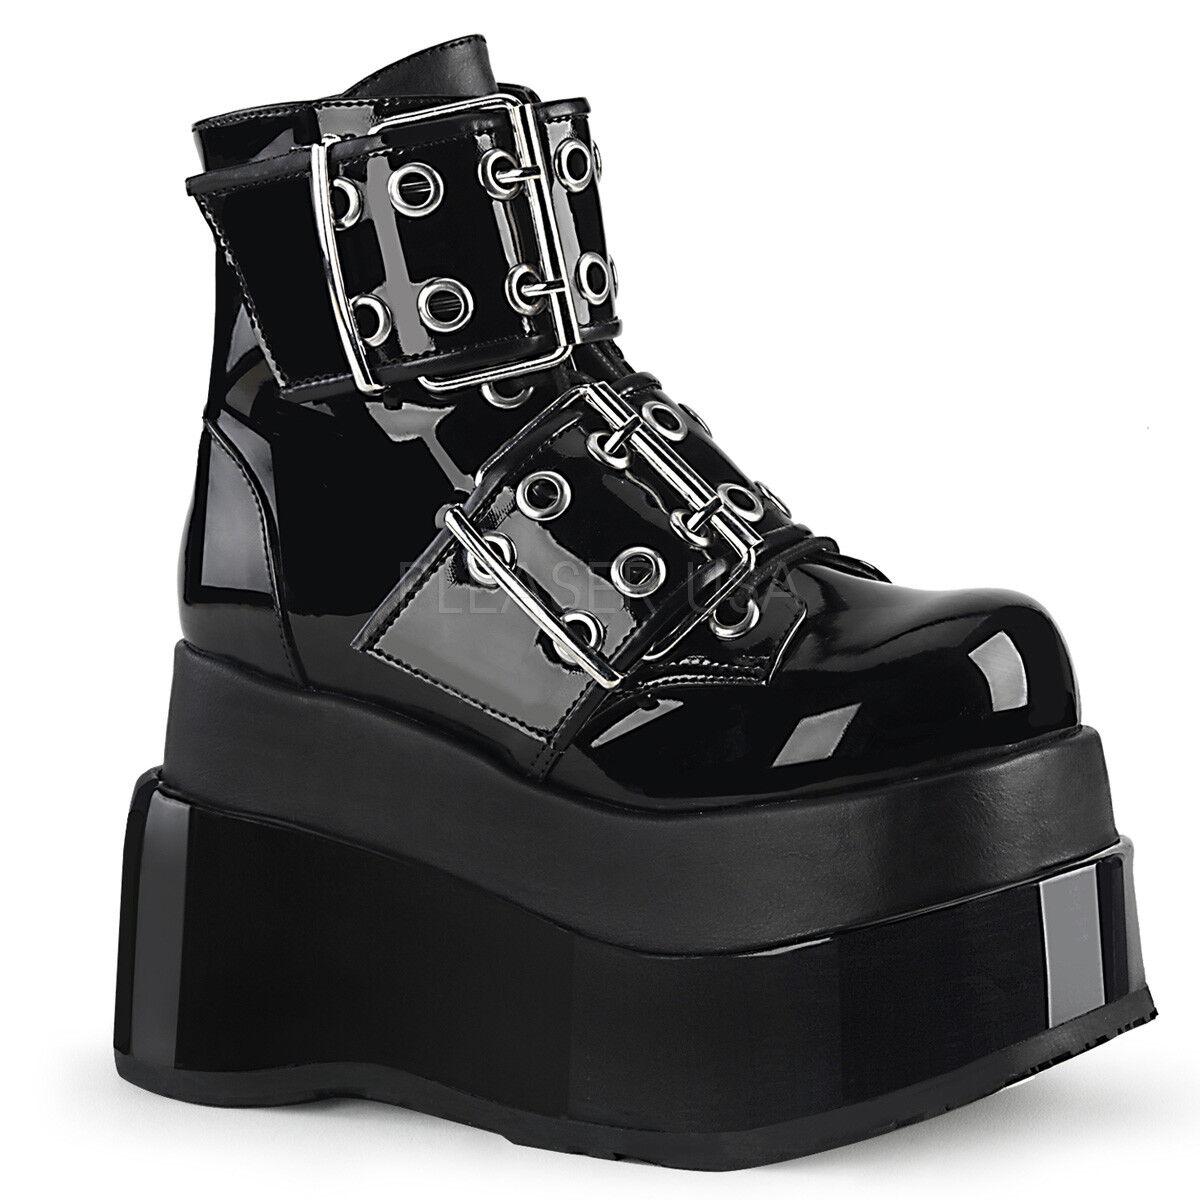 migliori prezzi e stili più freschi Huge Huge Huge Demonia 4.5  Stacked Platform Vegan nero Buckle Ankle stivali Goth 6-12  Spedizione gratuita per tutti gli ordini